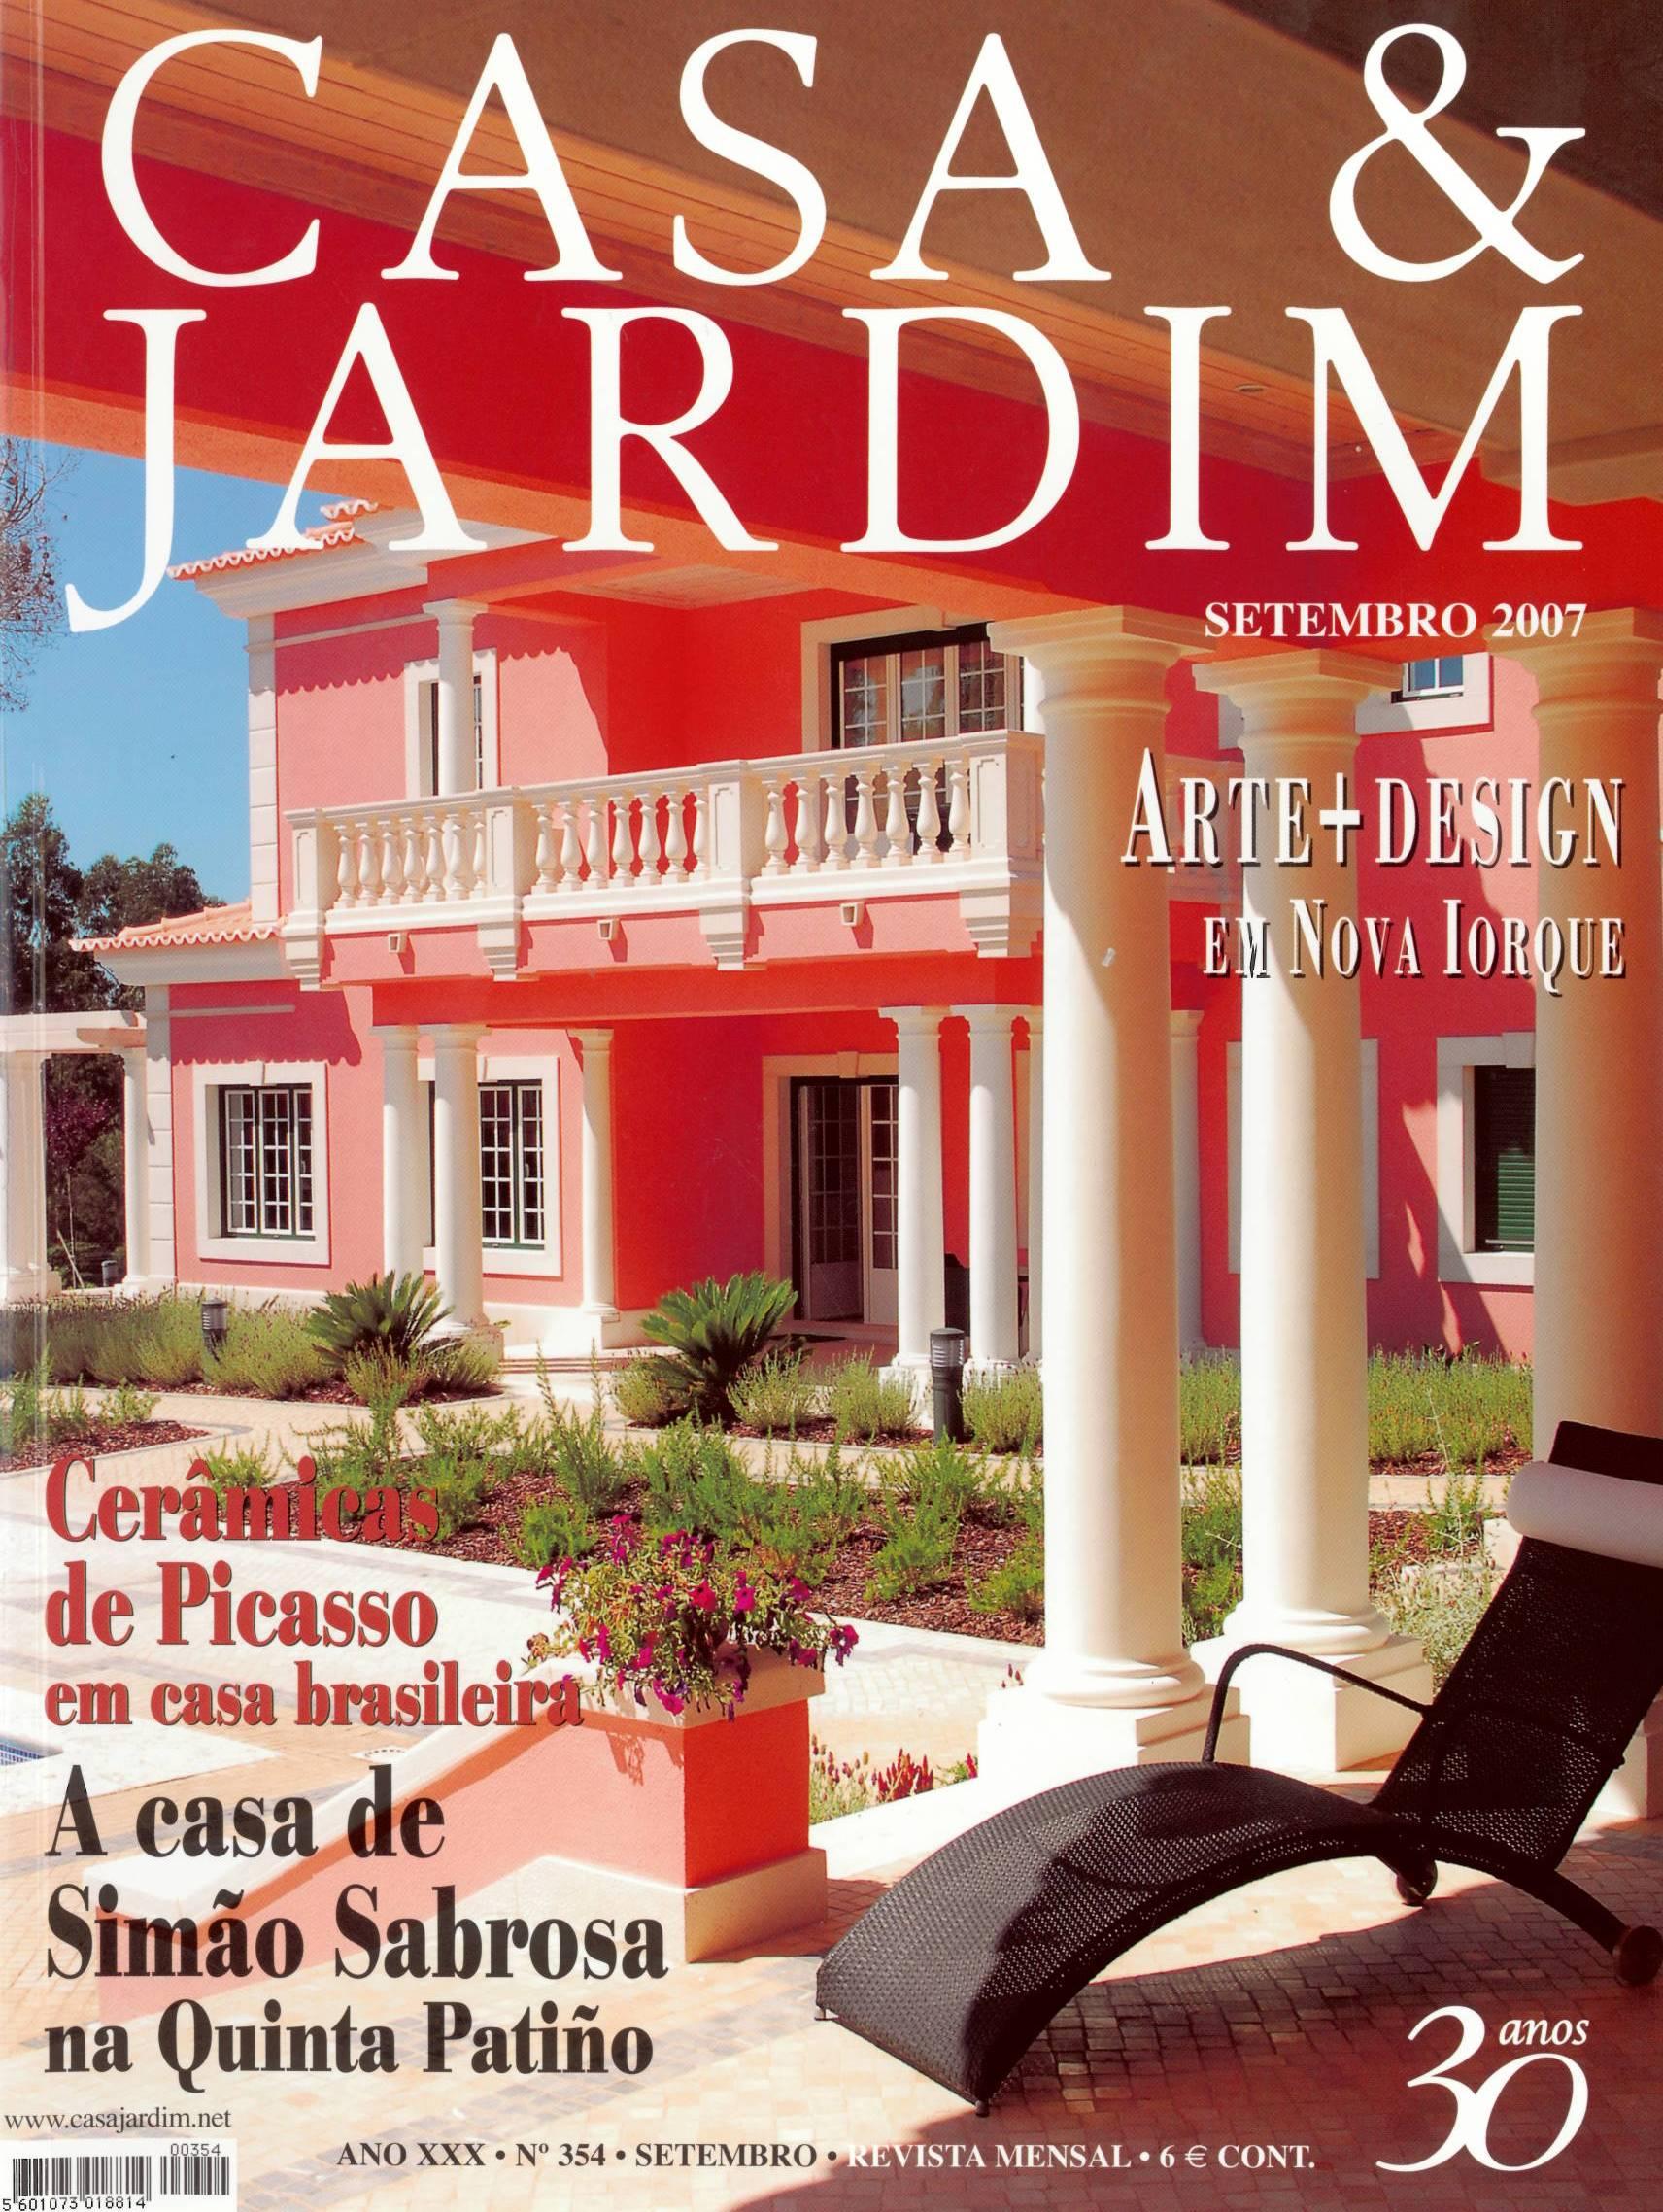 20 - CASA E JARDIM N354 SET 2007.jpg